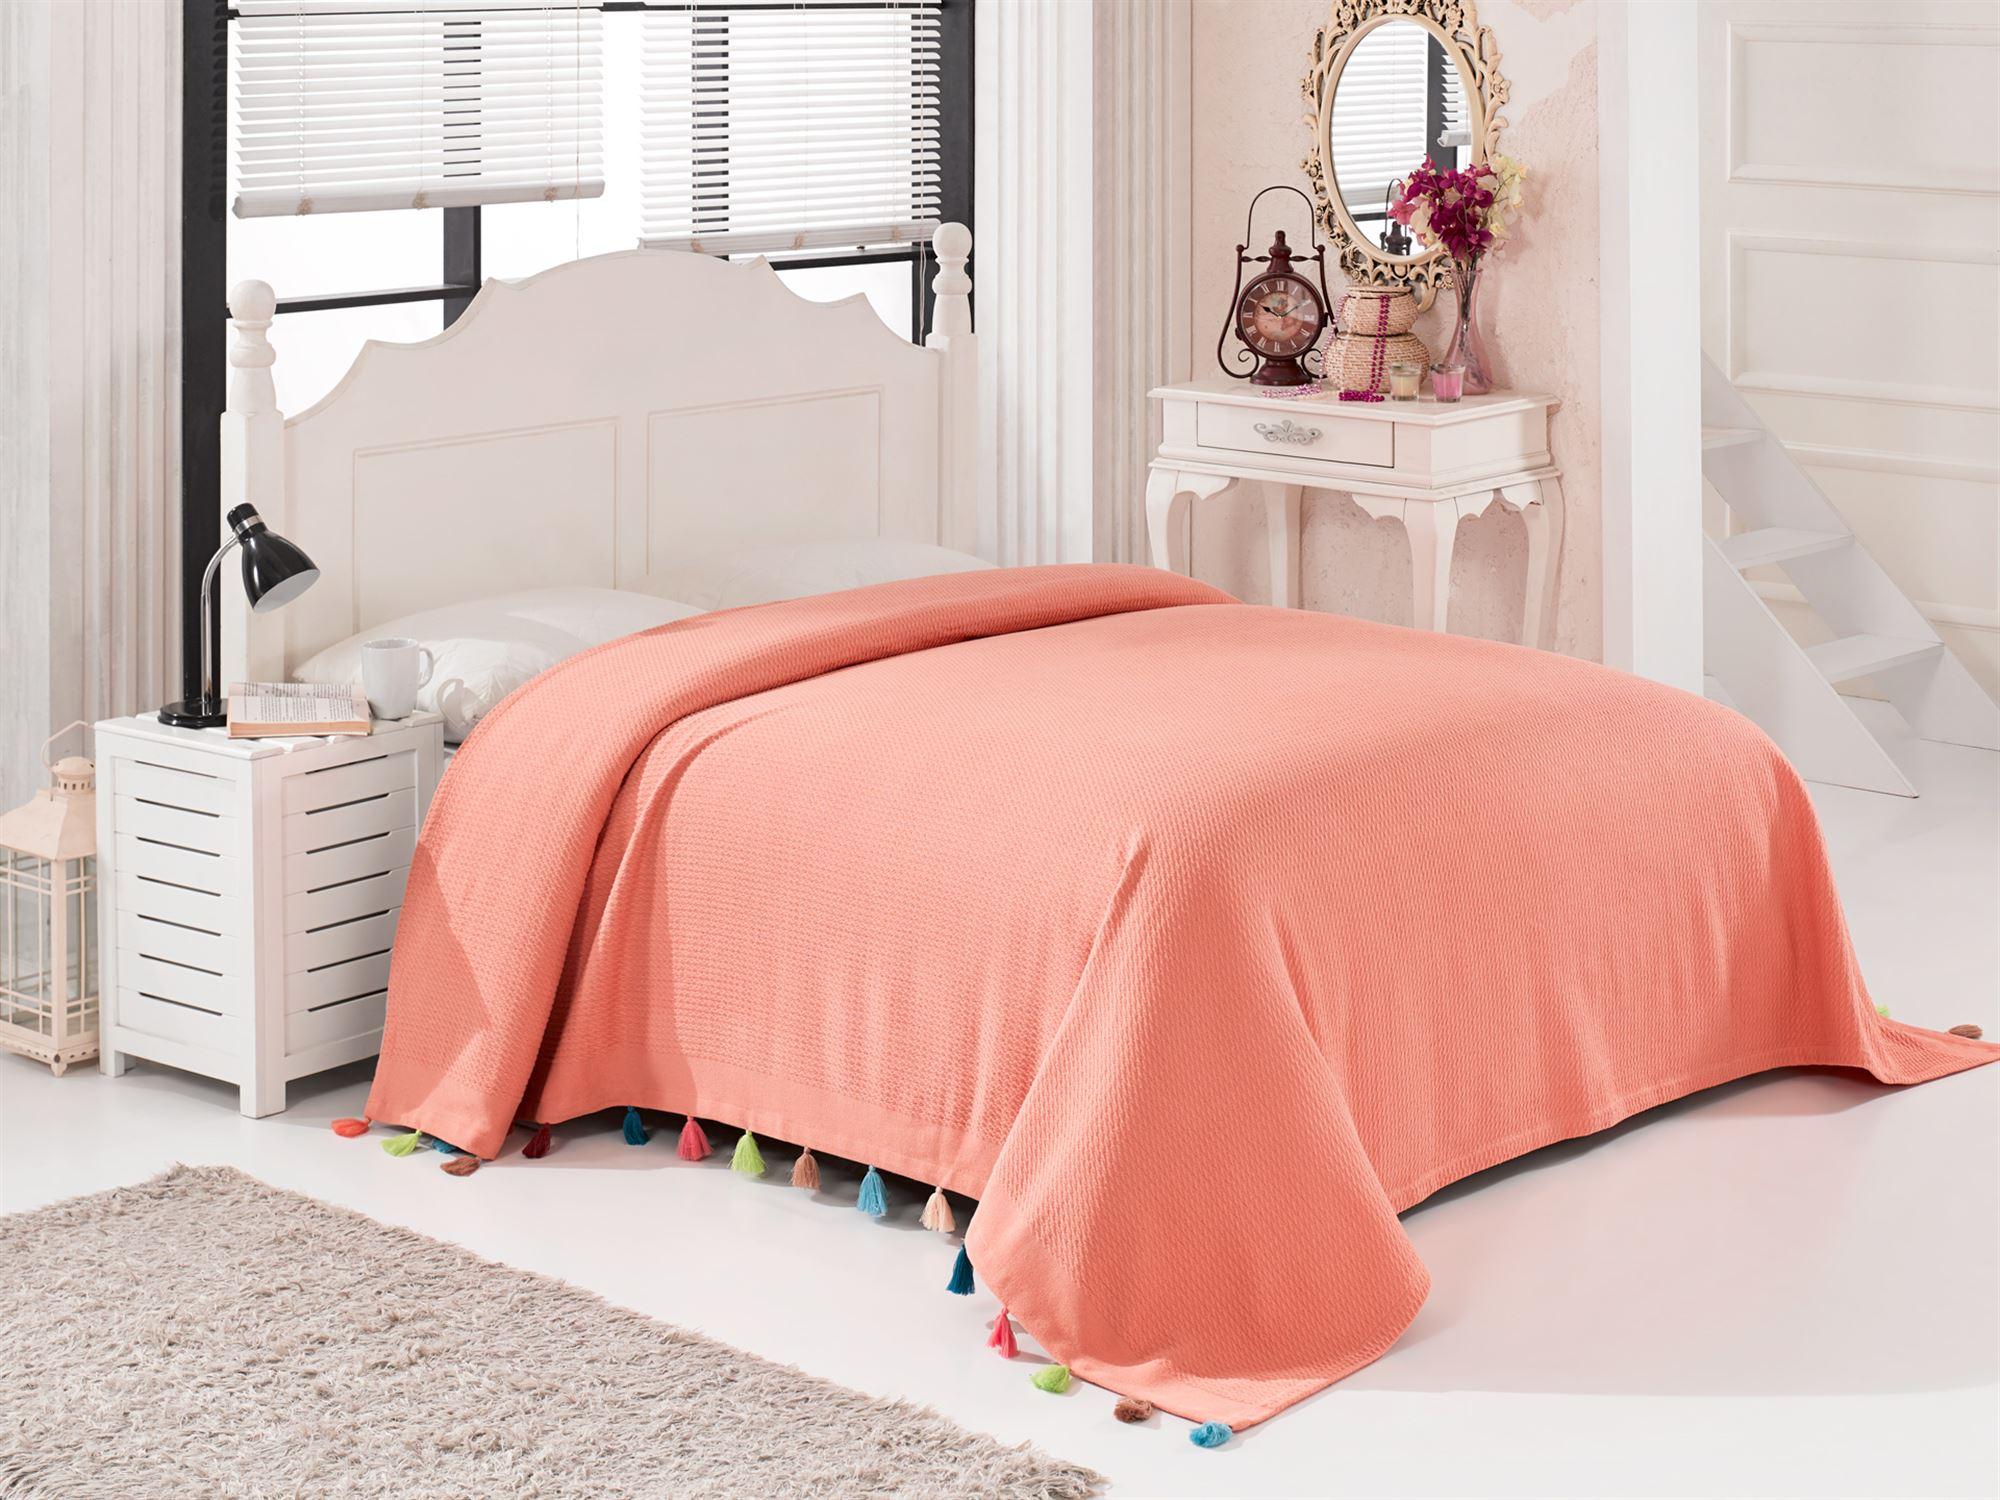 Купить Пледы и покрывала DO'n'CO, Покрывало Pop Цвет: Терракотовый (230х240 см), Турция, Оранжевый, Пике из хлопка